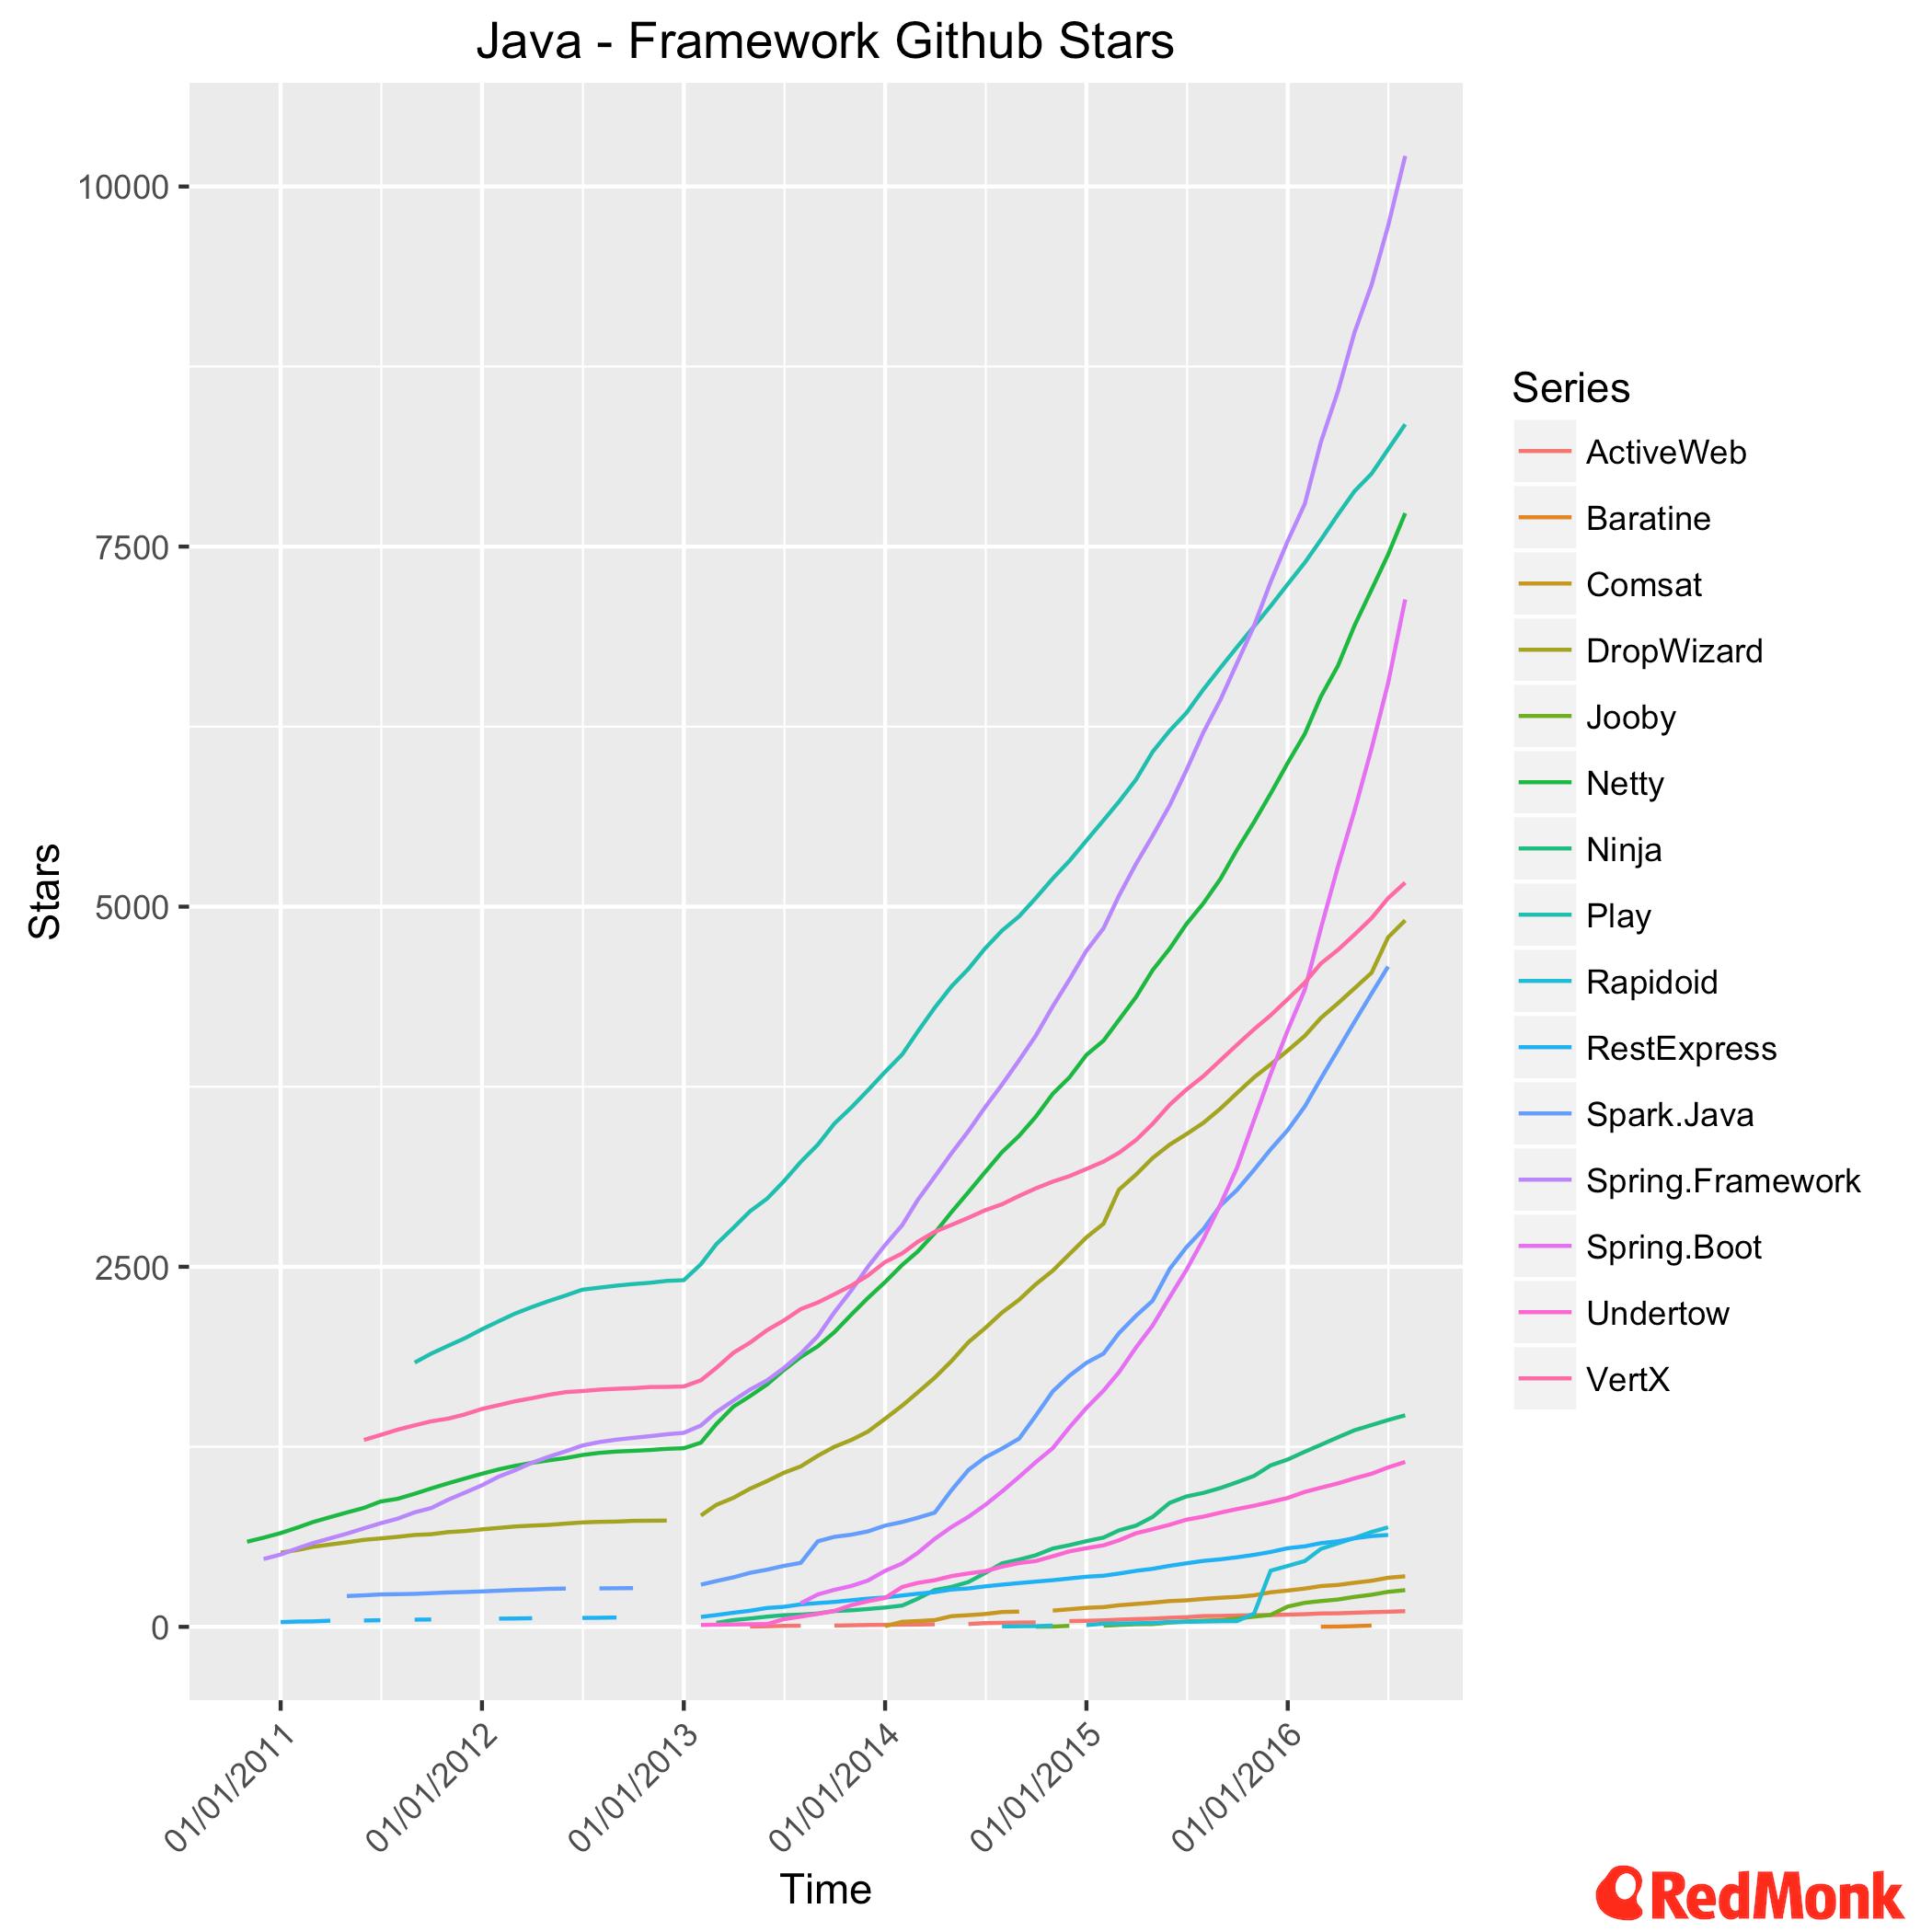 Java - Framework GitHub Stars